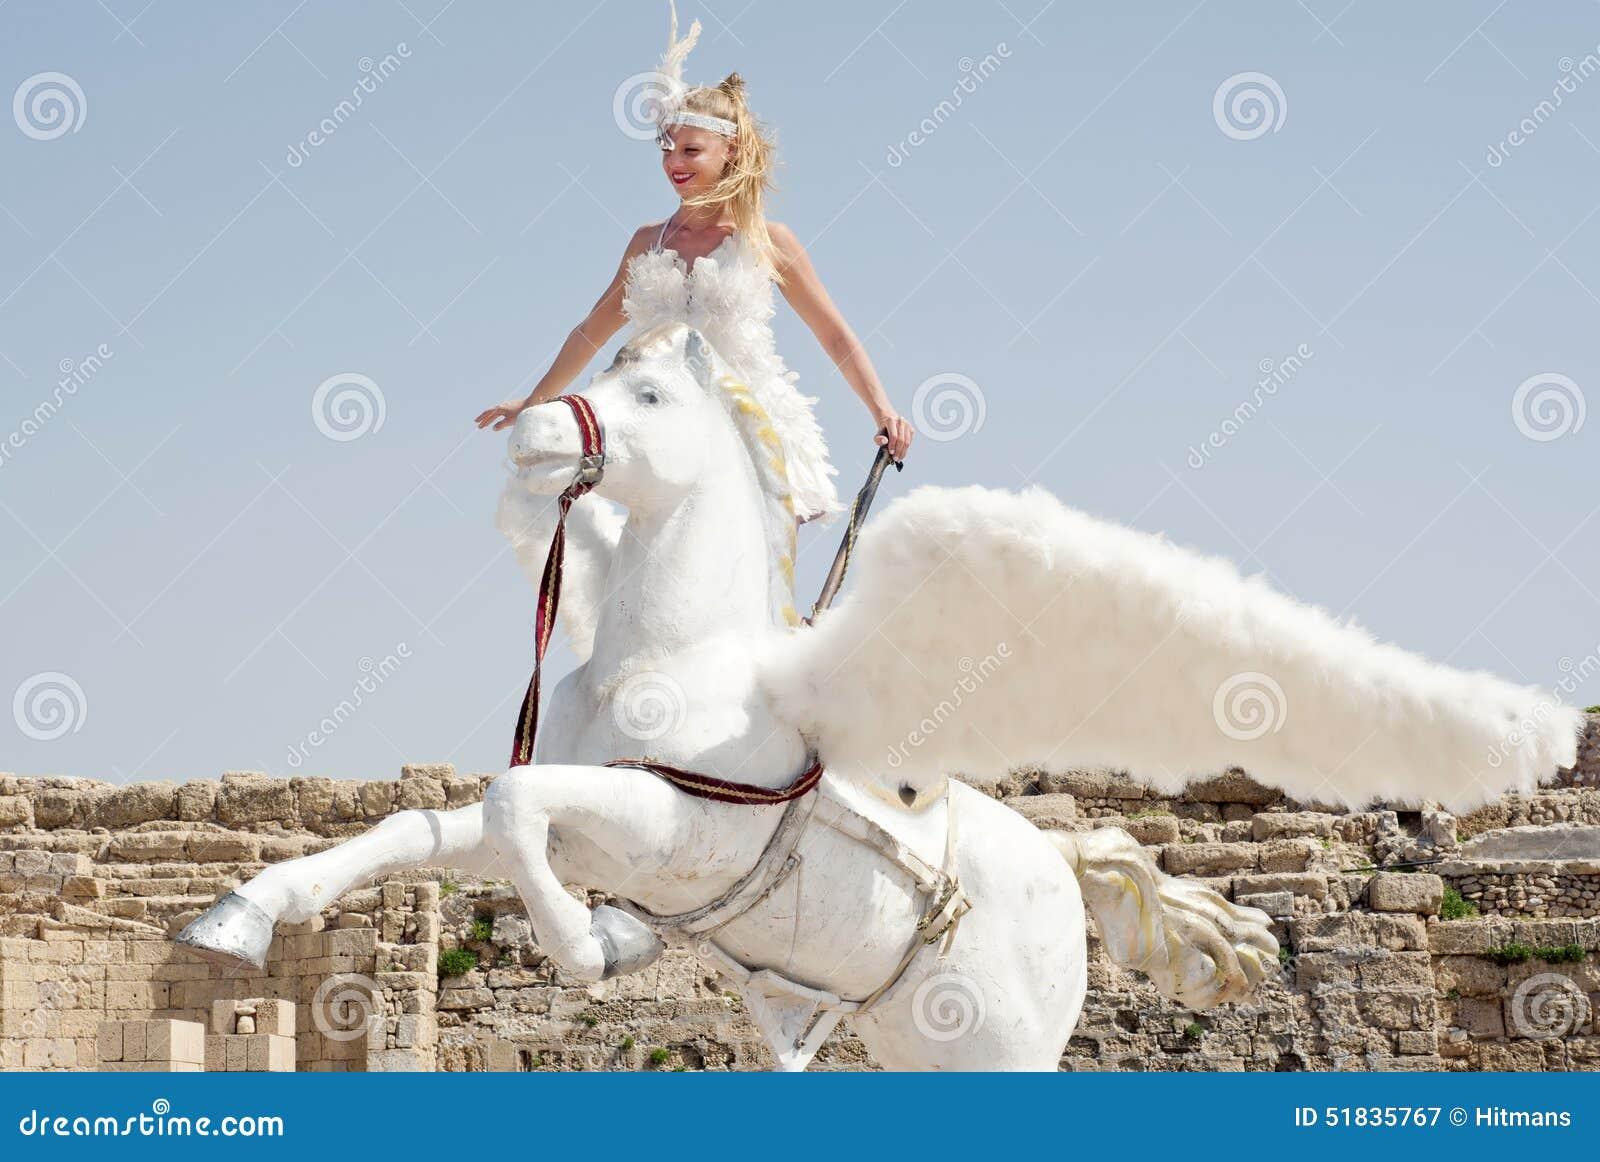 CESAREA - 4 MARZO: Le celebrazioni di Purim sfoggiano, ragazza su un cavallo in Ceasearea, Israele il 4 marzo 2015